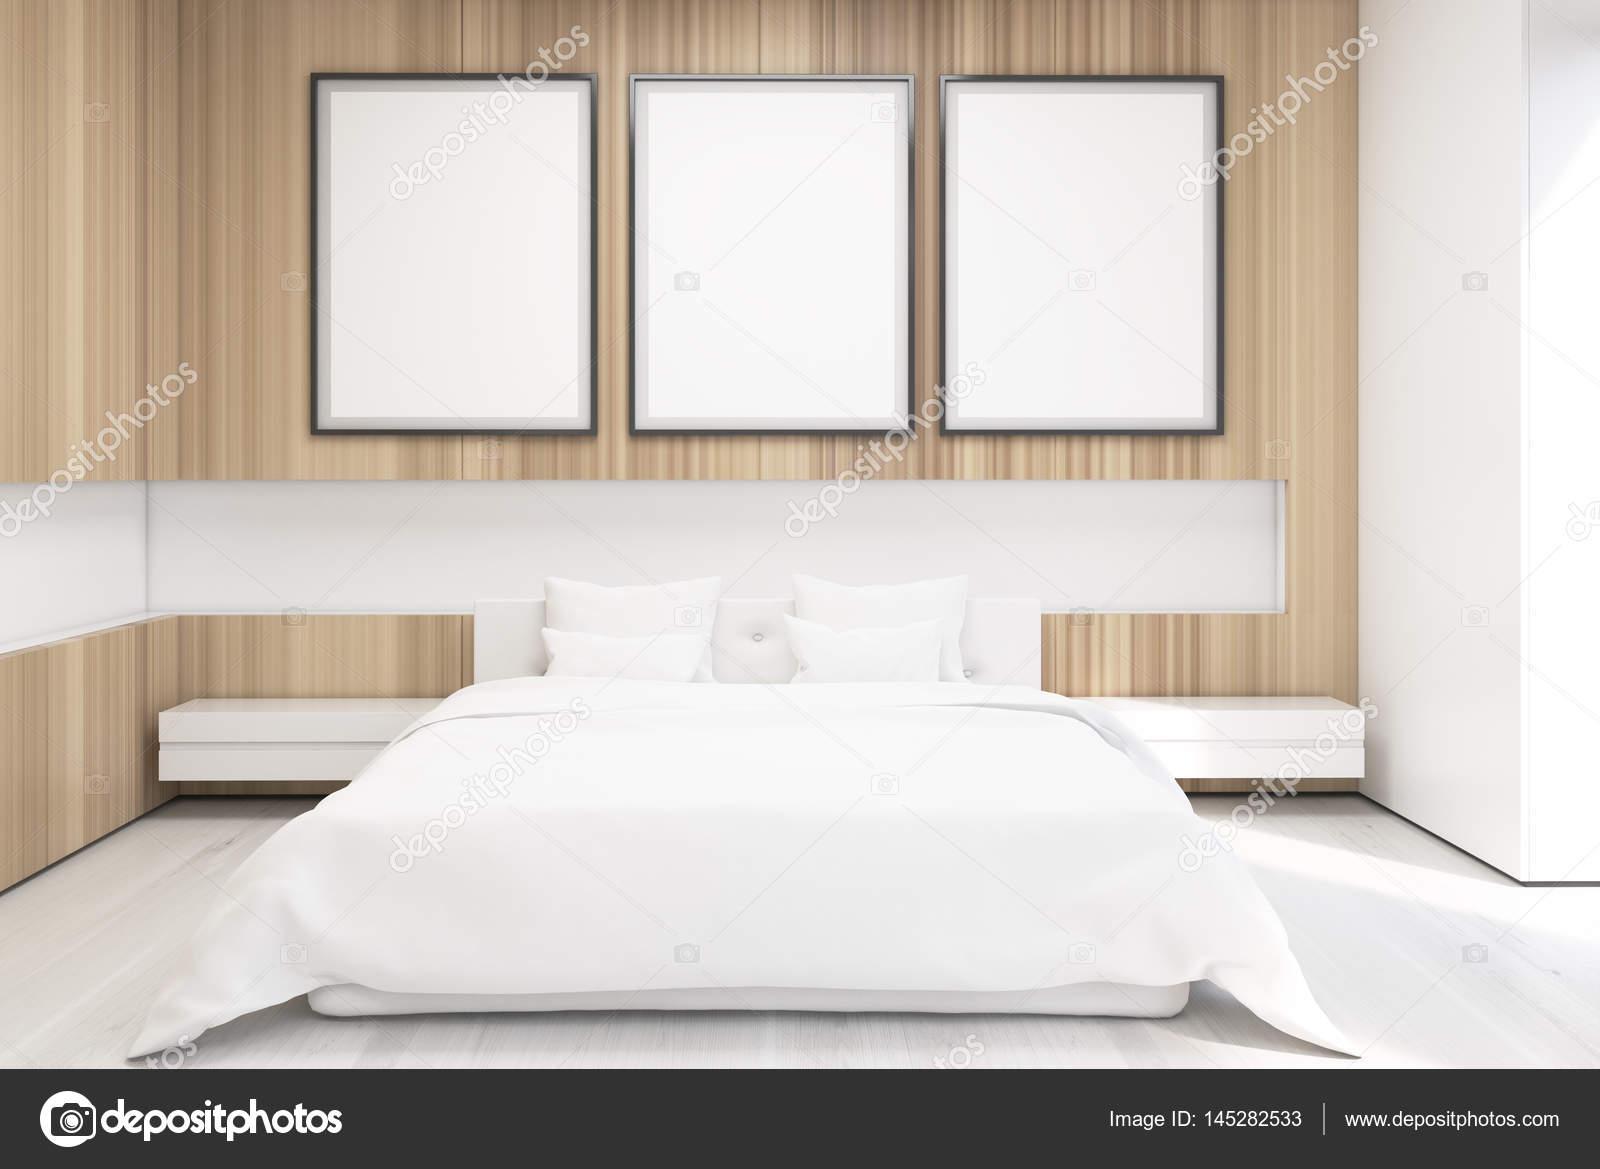 Posters In Slaapkamer : Gedessineerde deken op houten bed in grijs slaapkamer interieur